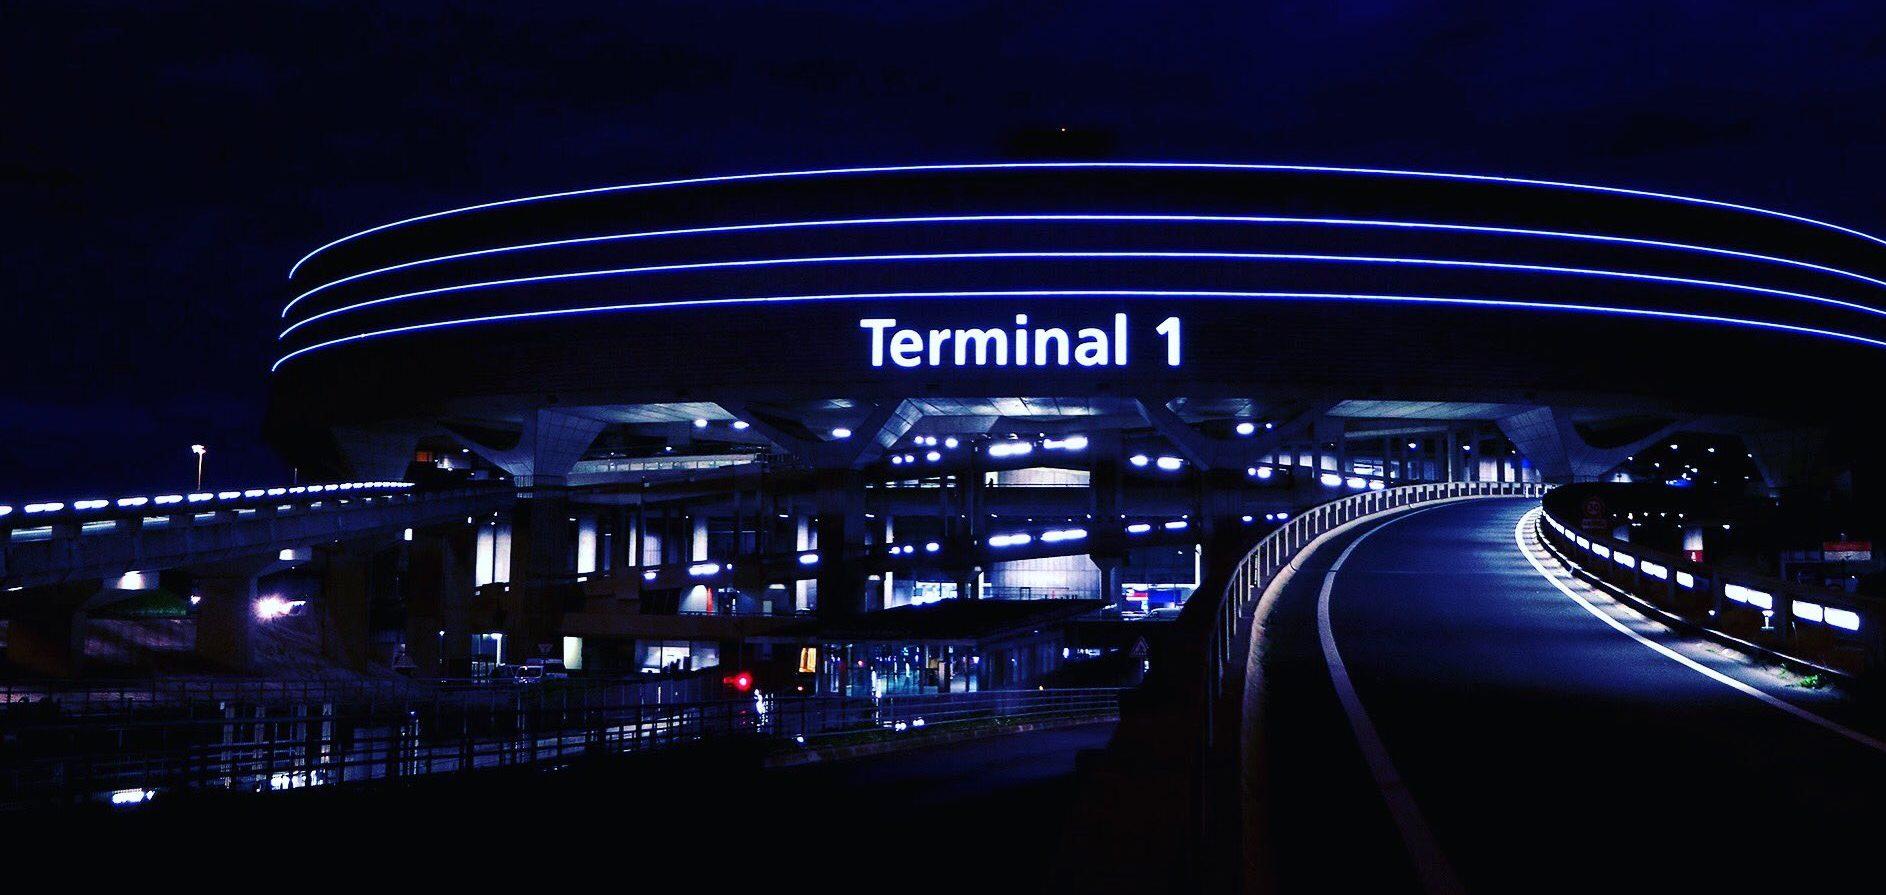 Paris CDG Terminal 1